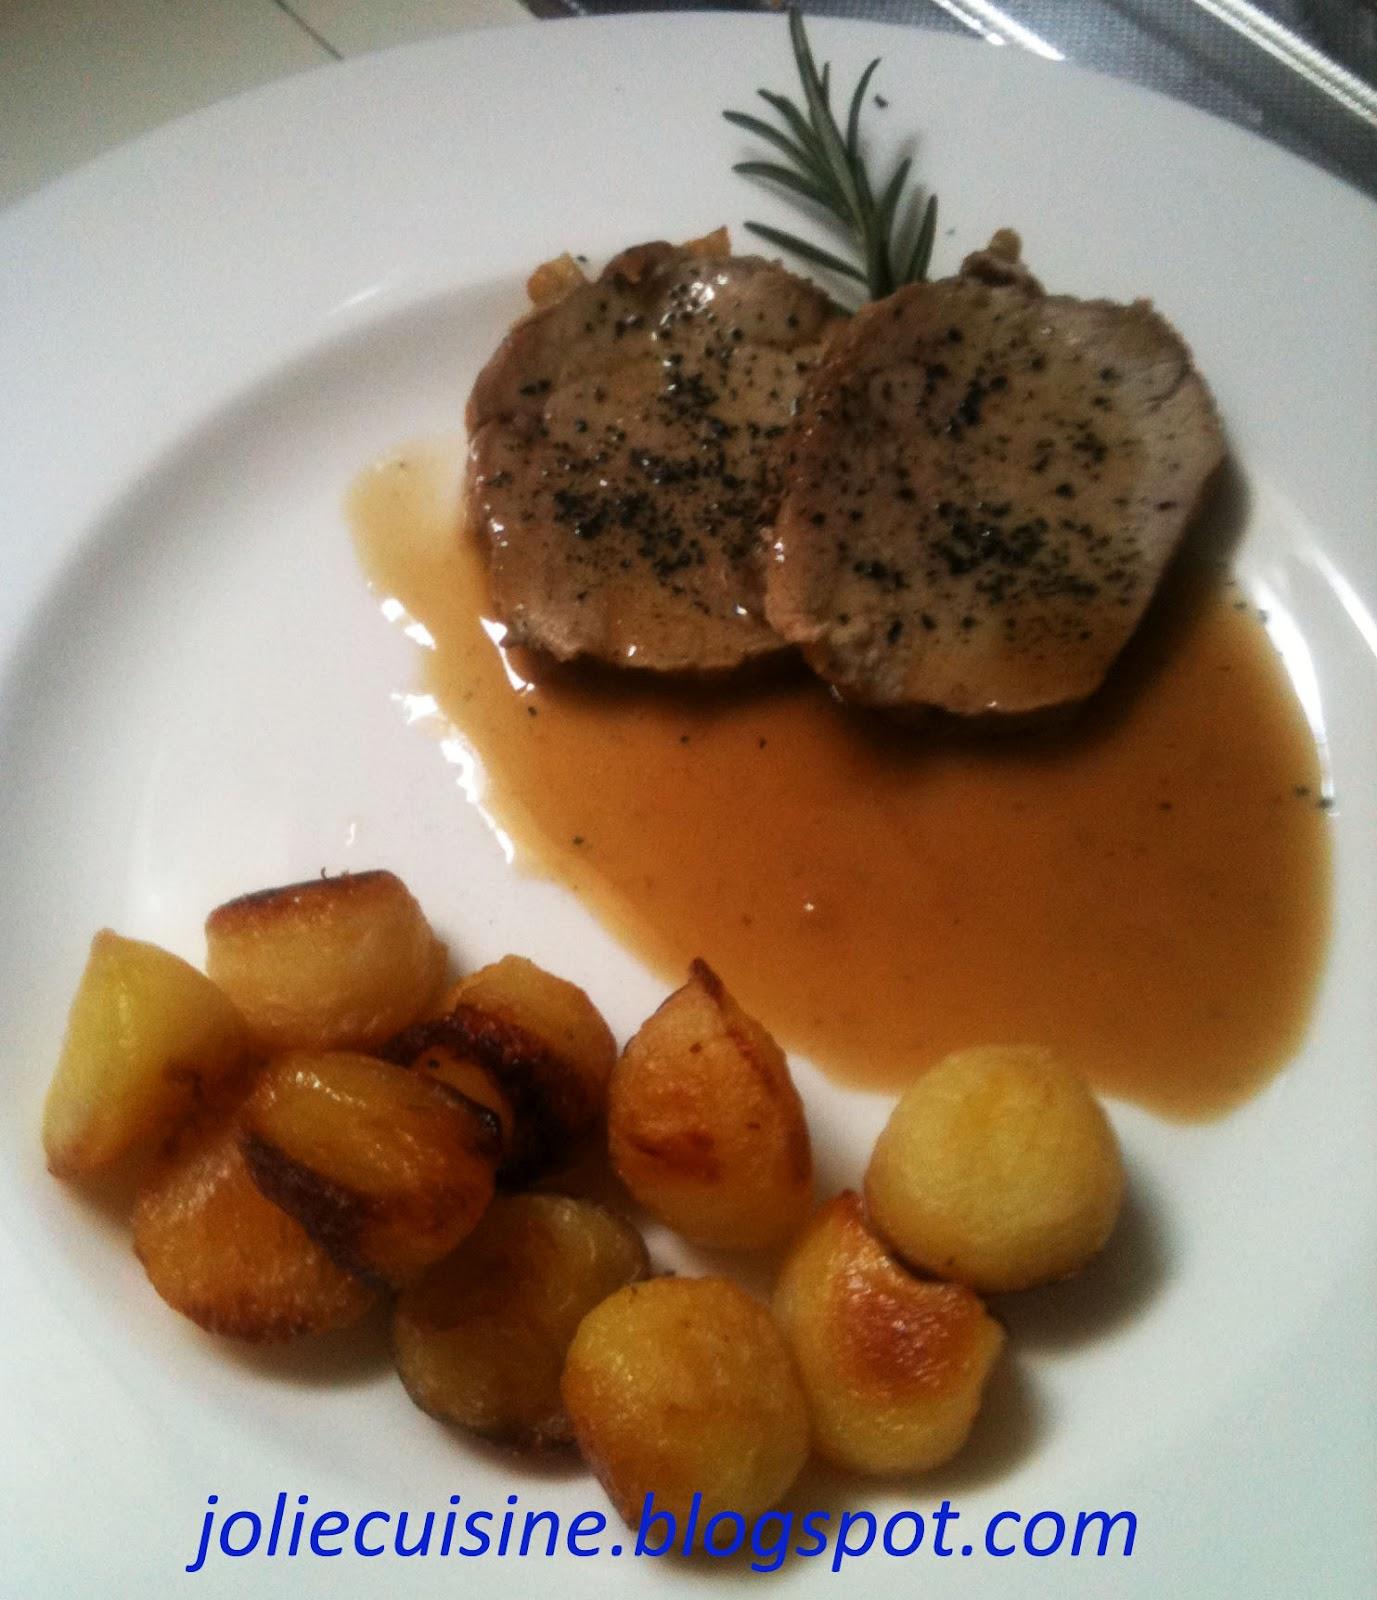 Jolie cuisine arrosto di vitello glassato - Jolie cuisine ...